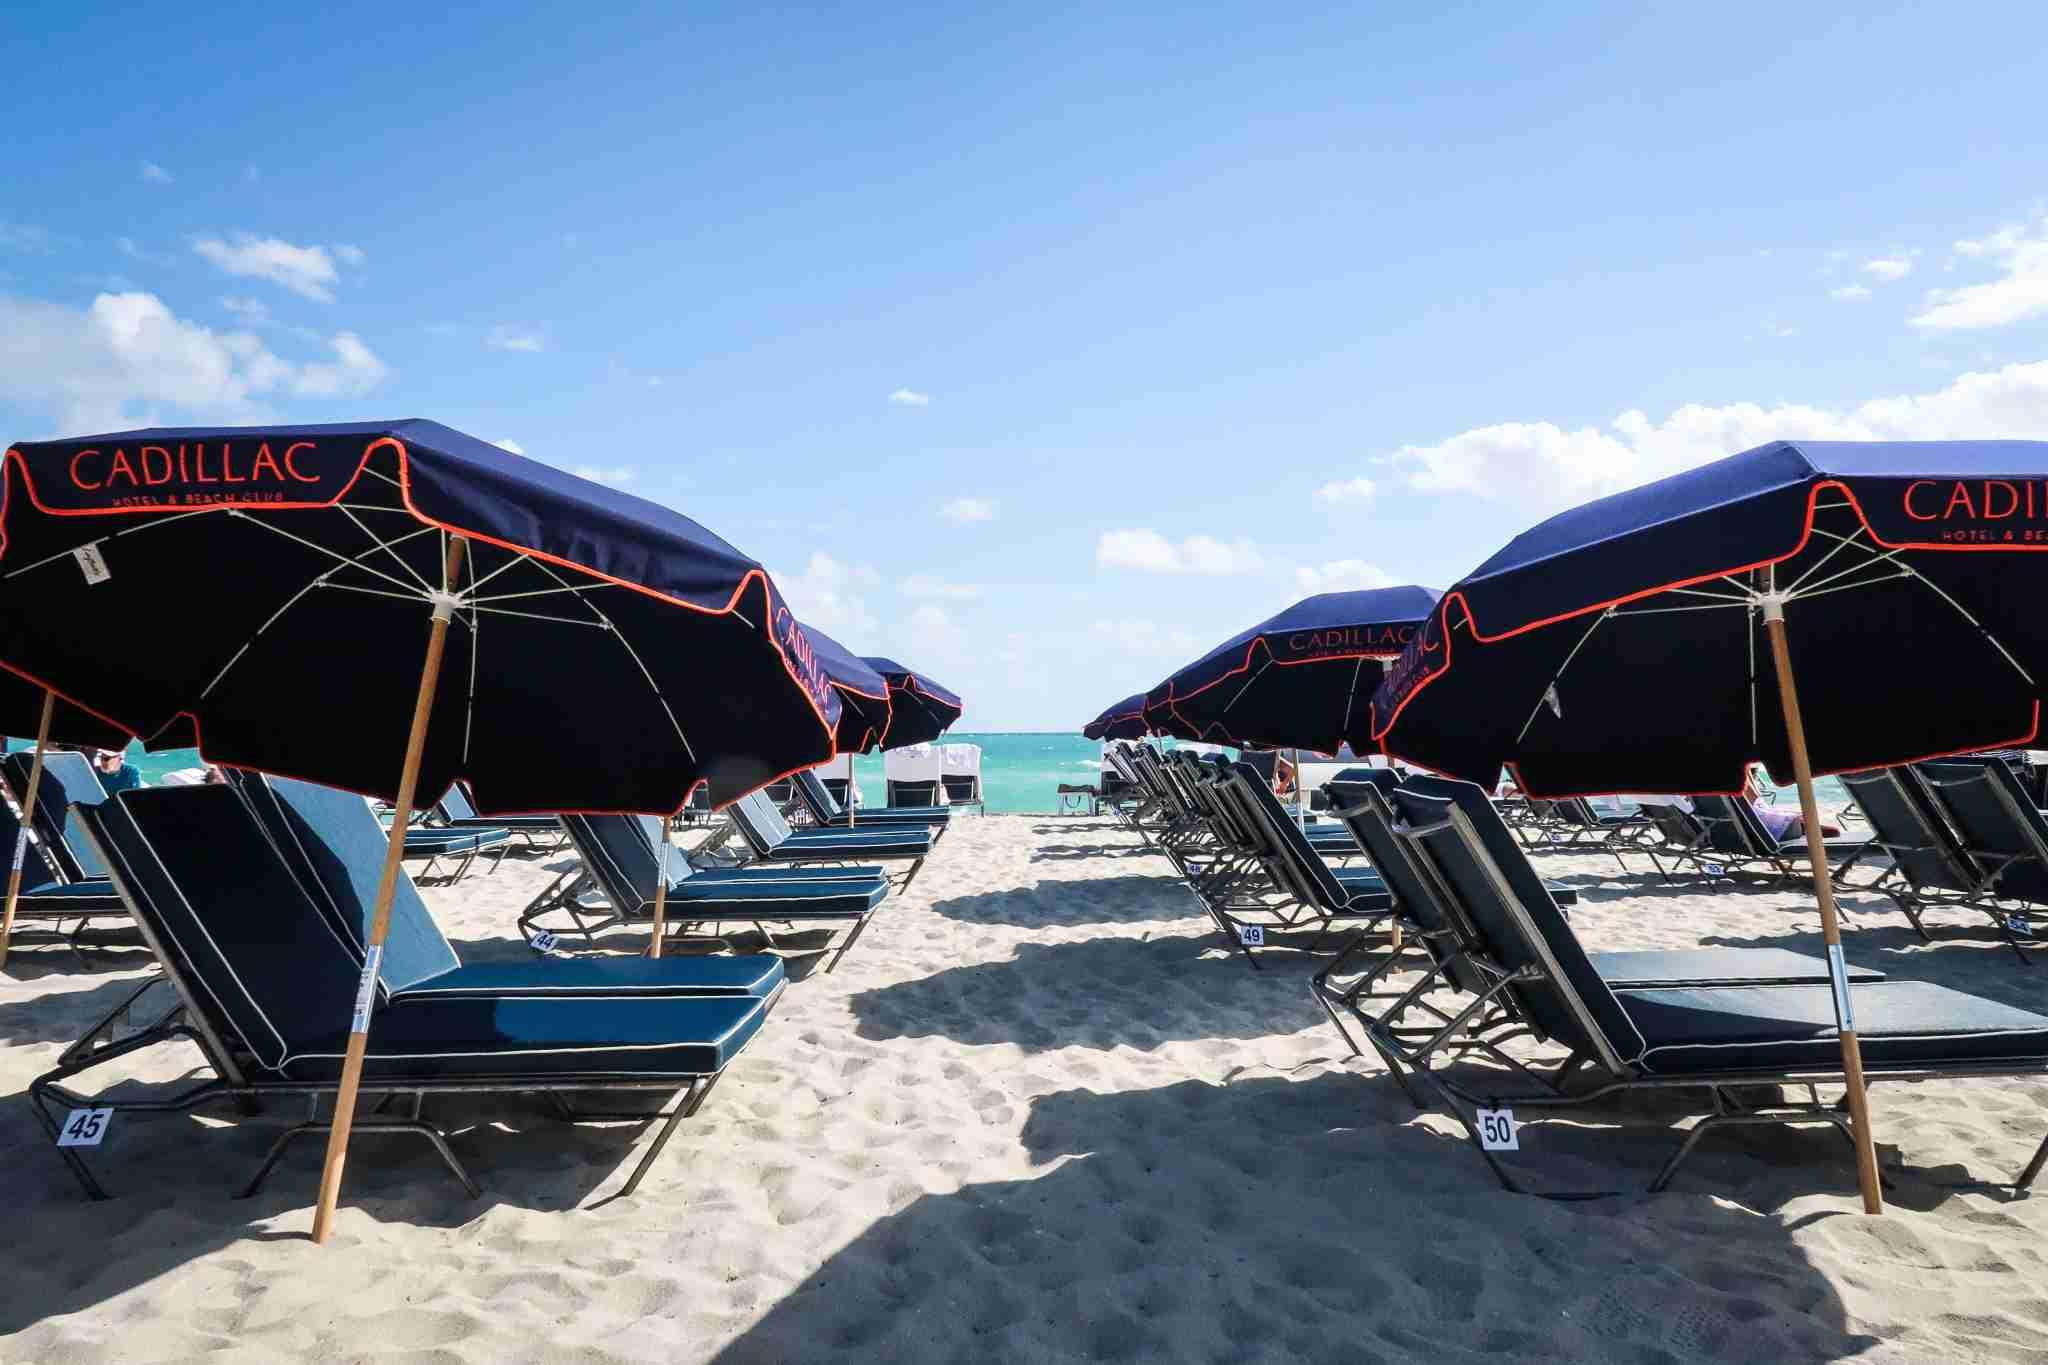 Hotel Cadillac Miami Umbrellas